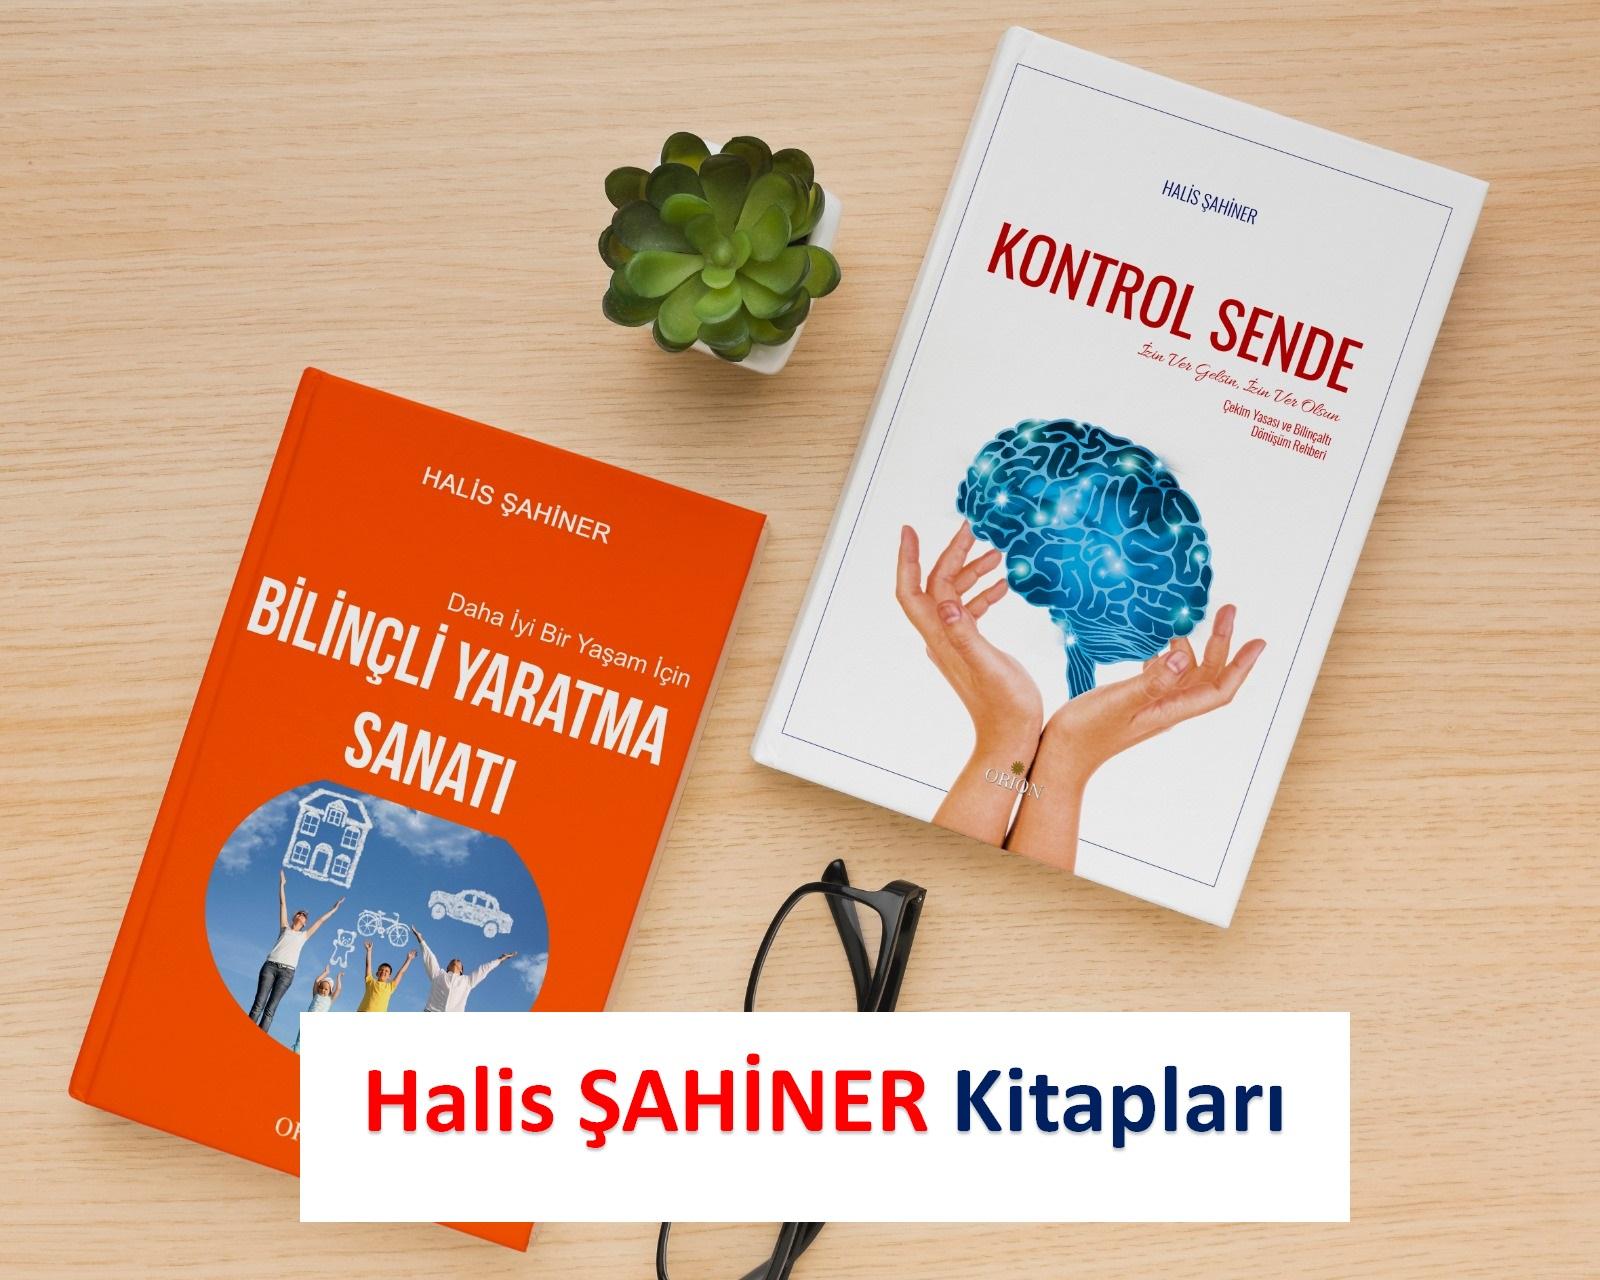 Halis ŞAHİNER Kitapları